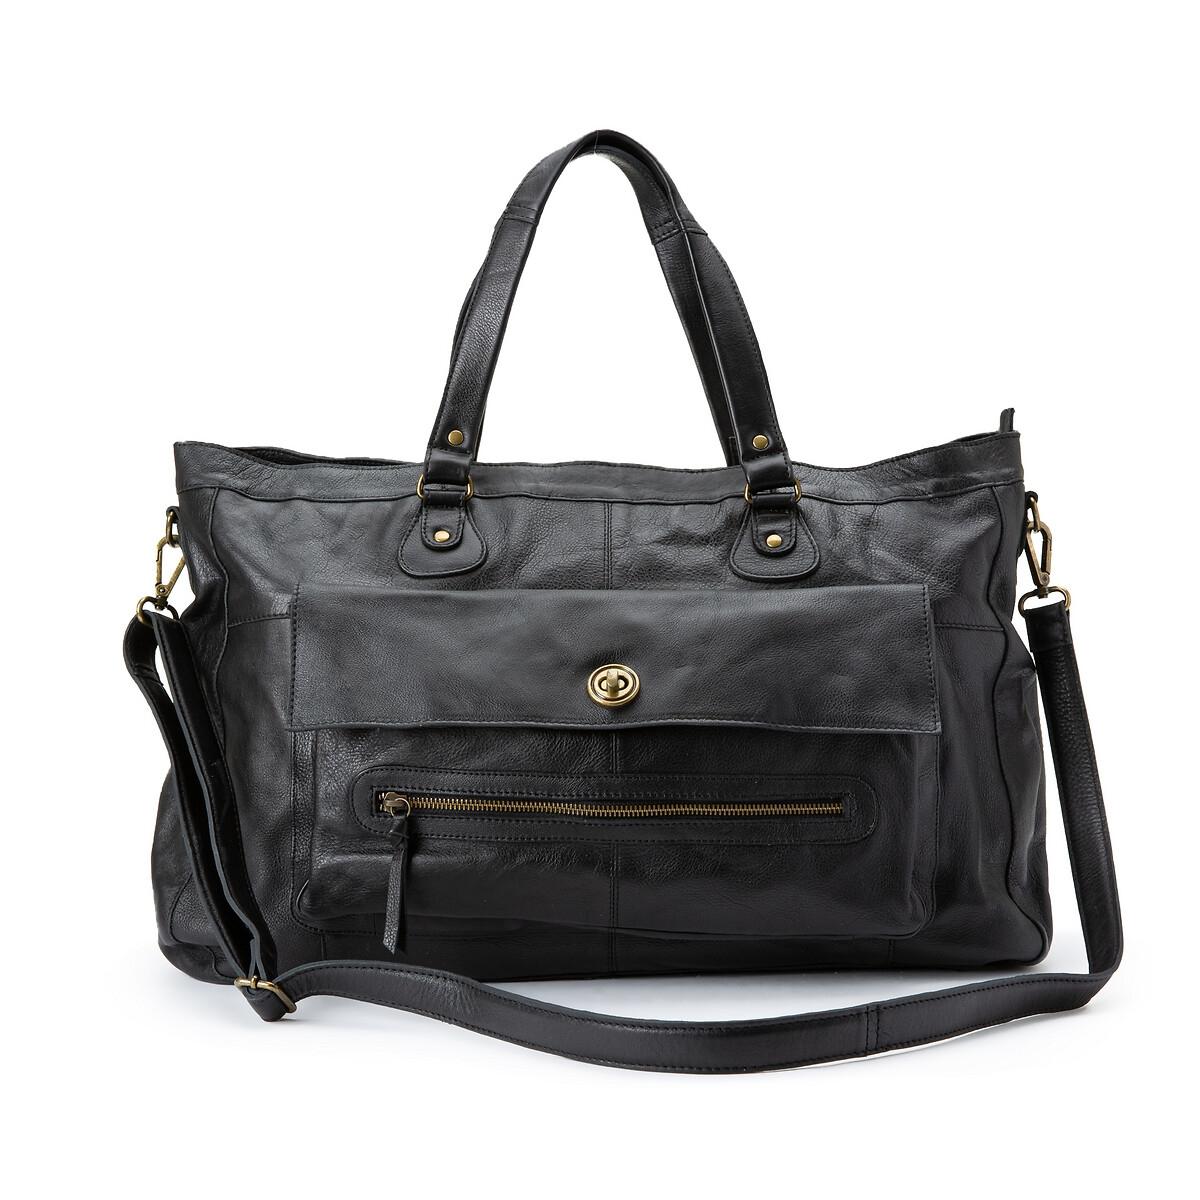 Сумка La Redoute С ручками кожаная Totally Royal единый размер черный сумка la redoute кожаная sunny foil единый размер синий